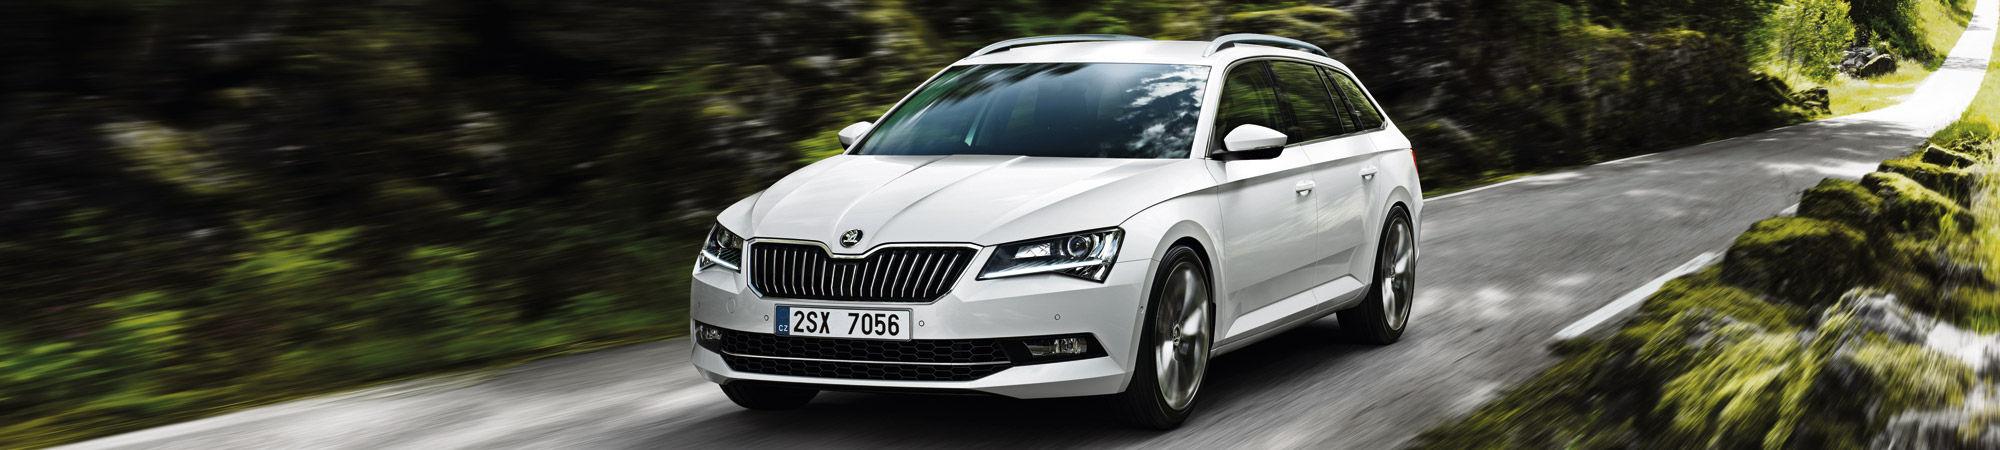 Škoda Superb tarjoaa enemmän tehoa ja taloudellisuutta